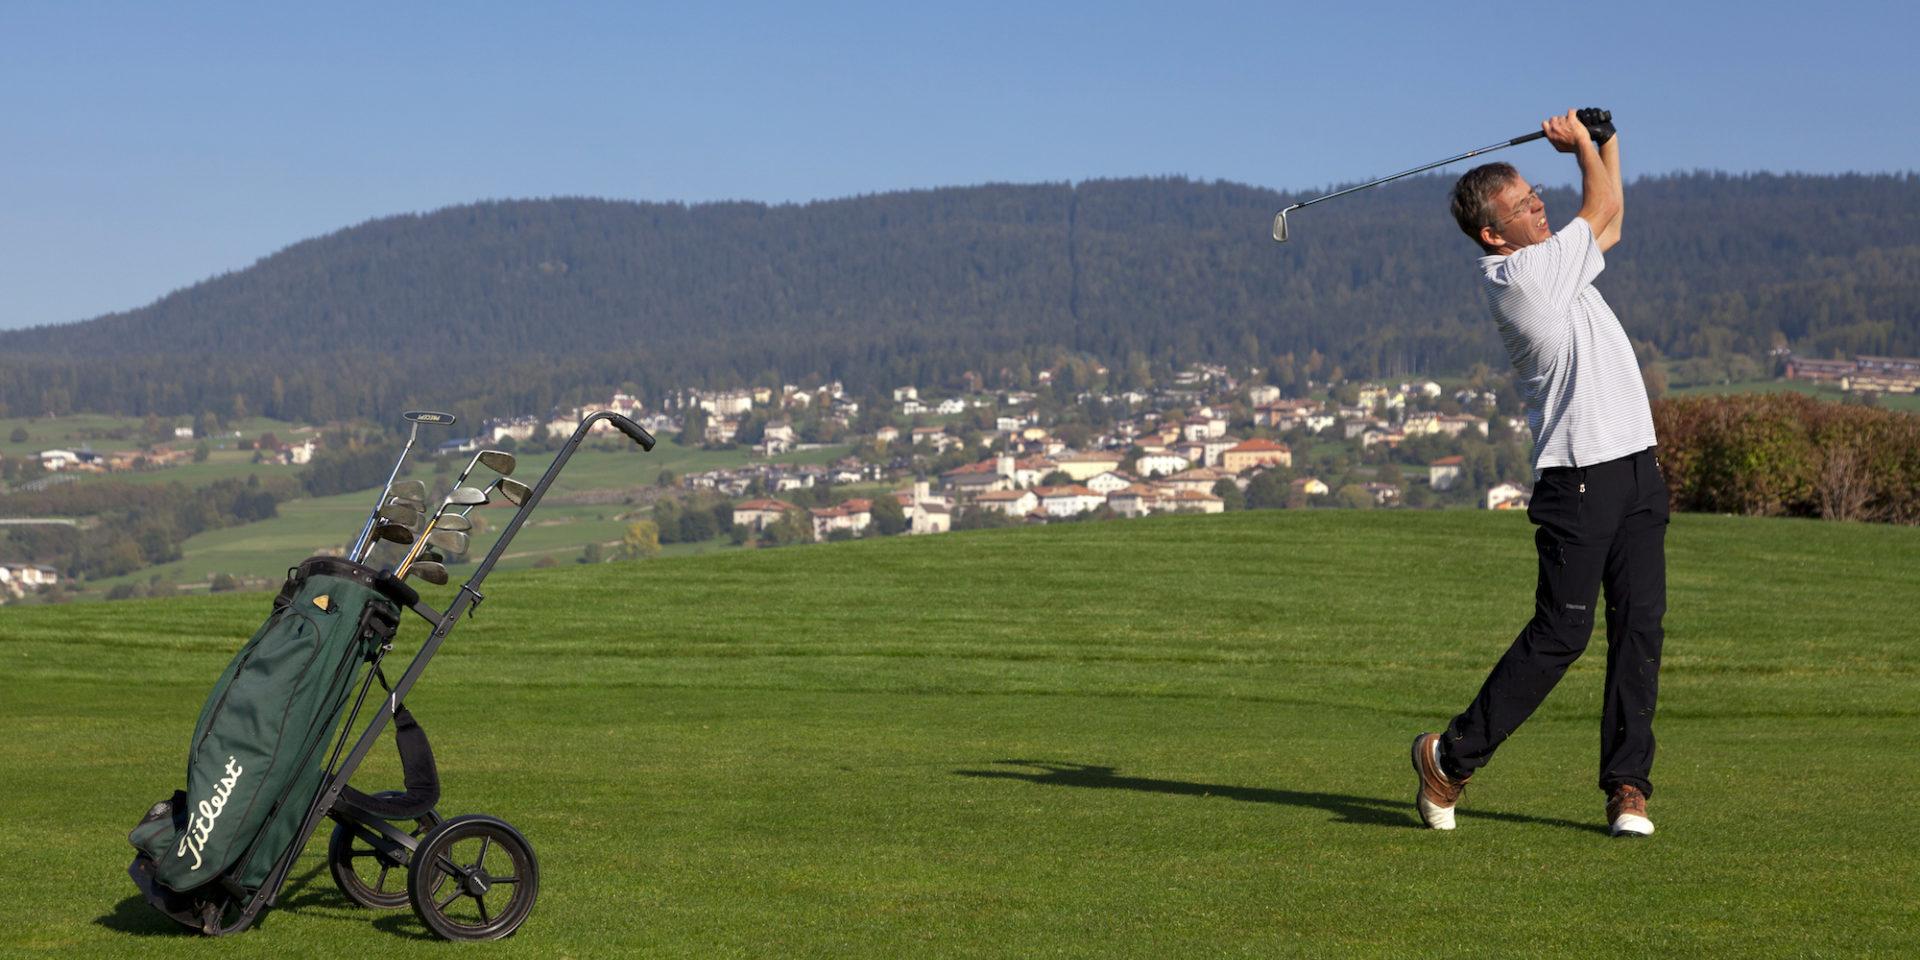 Tourismusverein-Kaltern-am-See-Tiberio-Sorvillo-42